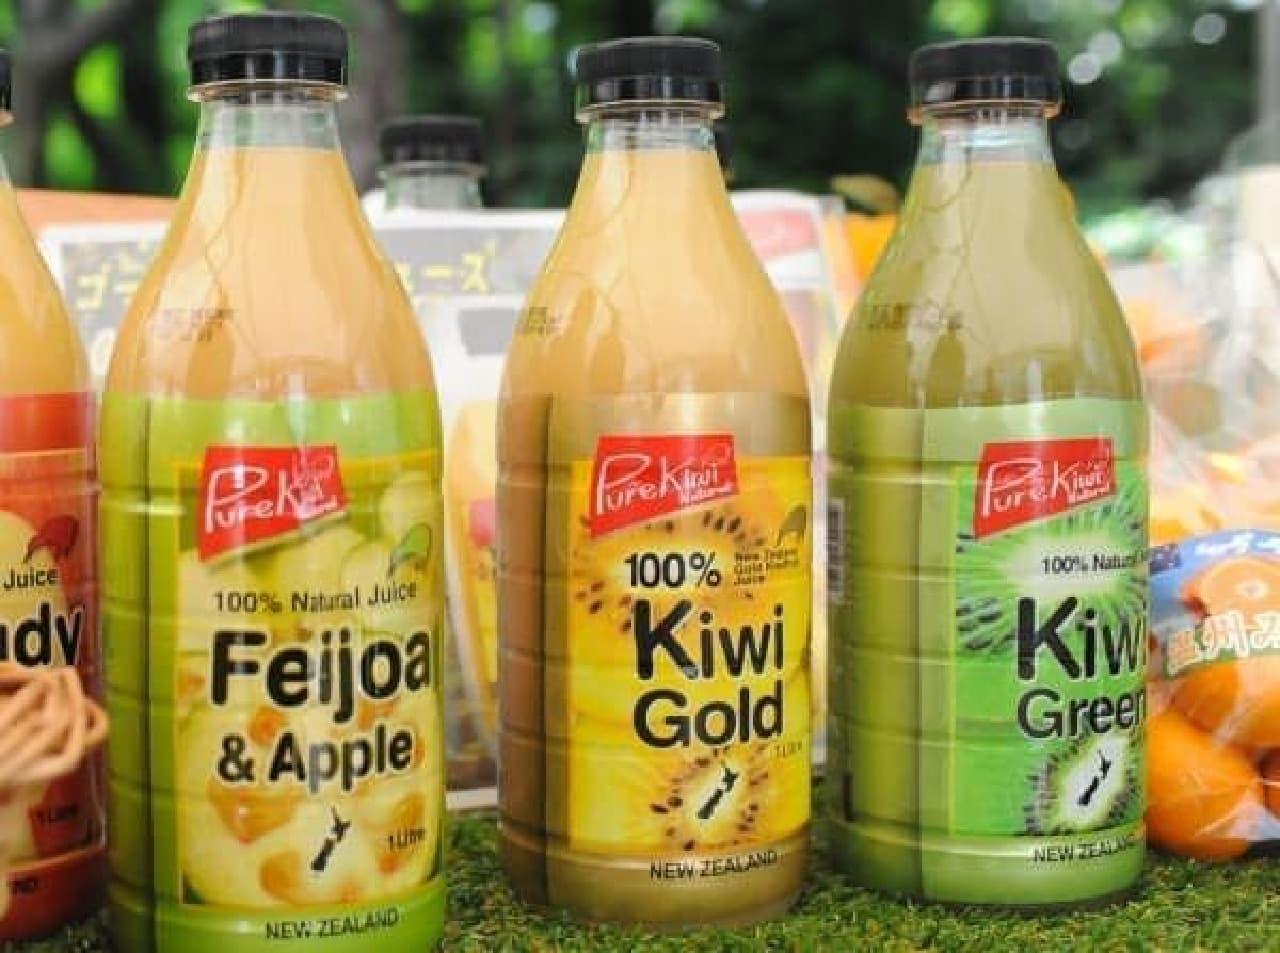 とろみがあって完熟の甘さ!「Kiwi Gold」